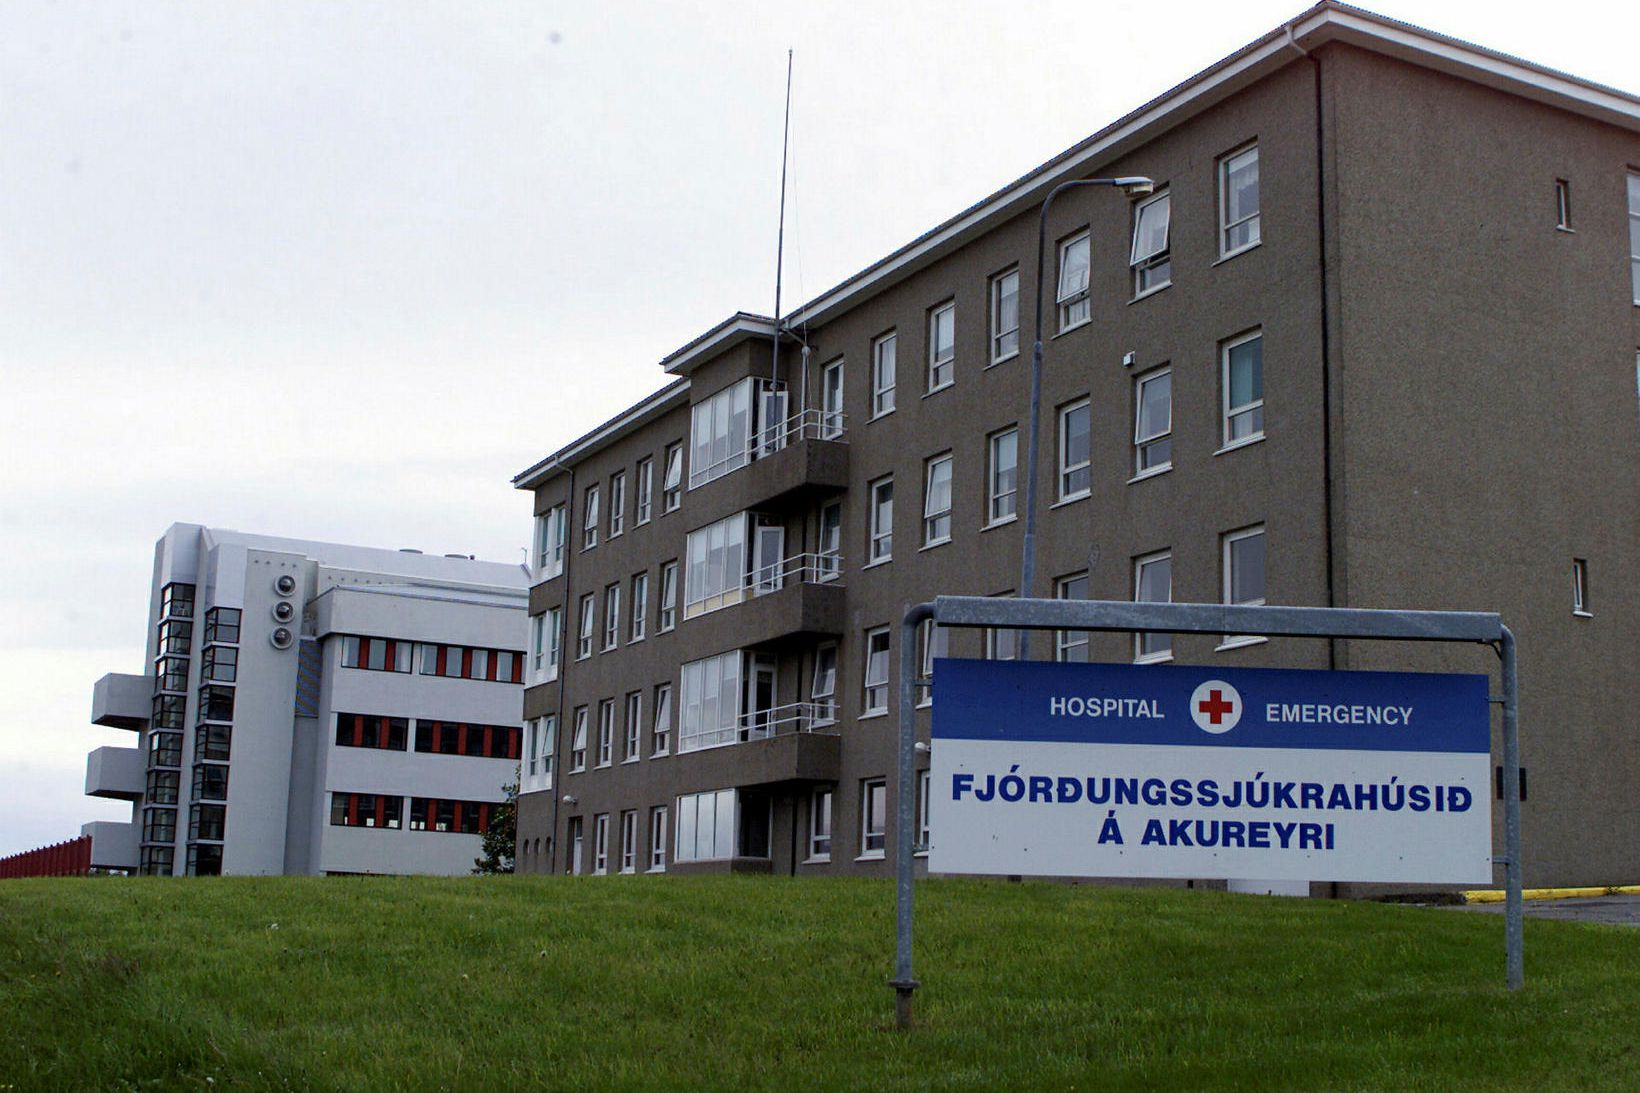 Sjúkrahúsið á Akureyri, áður fjórðungssjúkrahús.